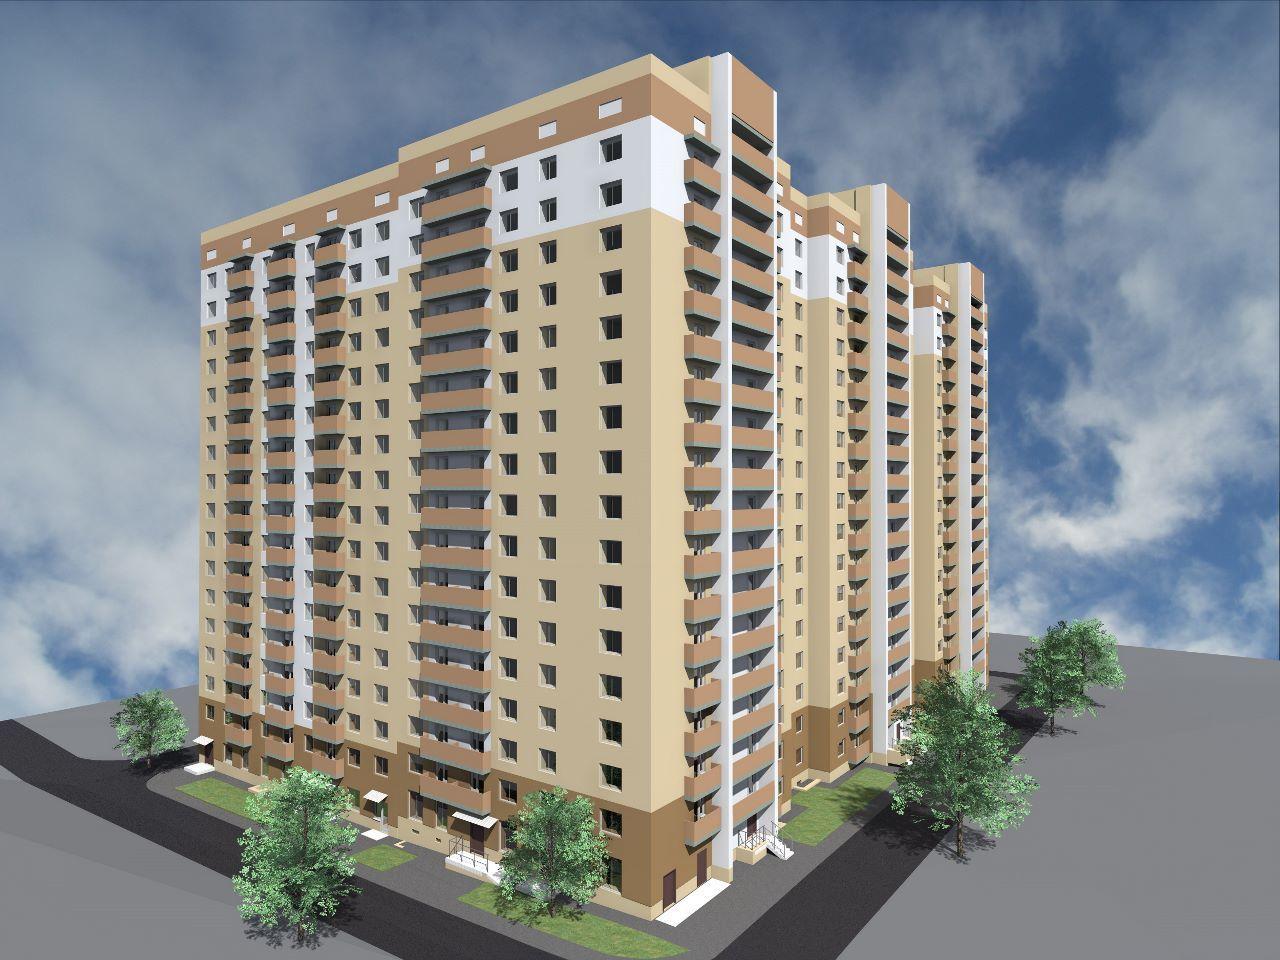 жилой комплекс по ул. Маркина